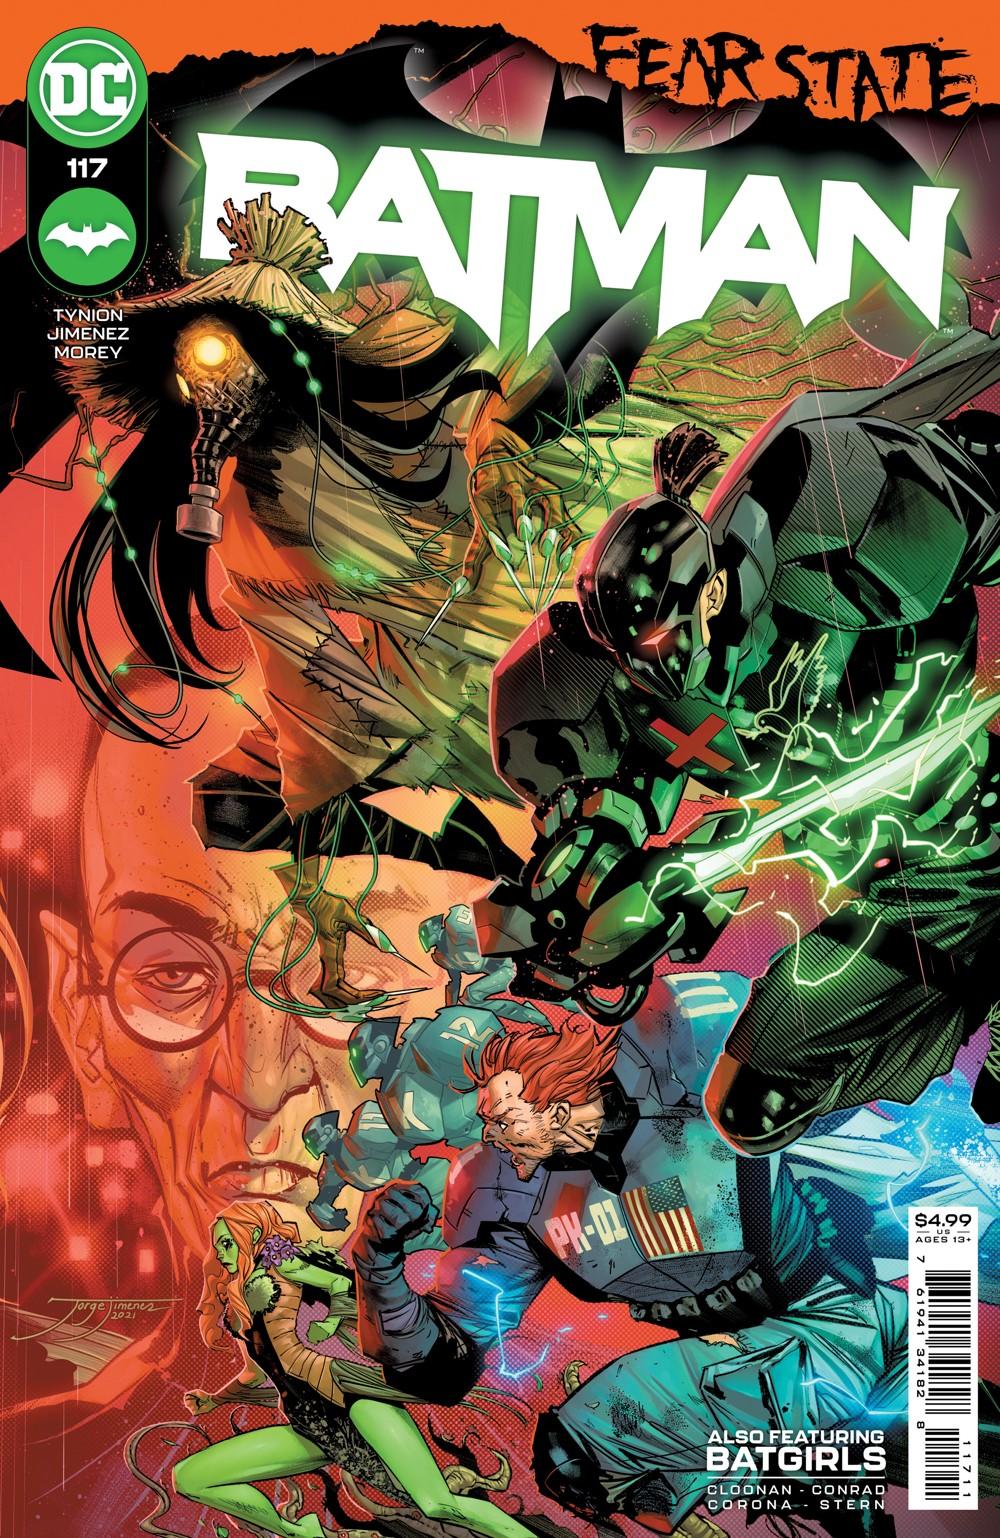 BM_Cv117 DC Comics November 2021 Solicitations